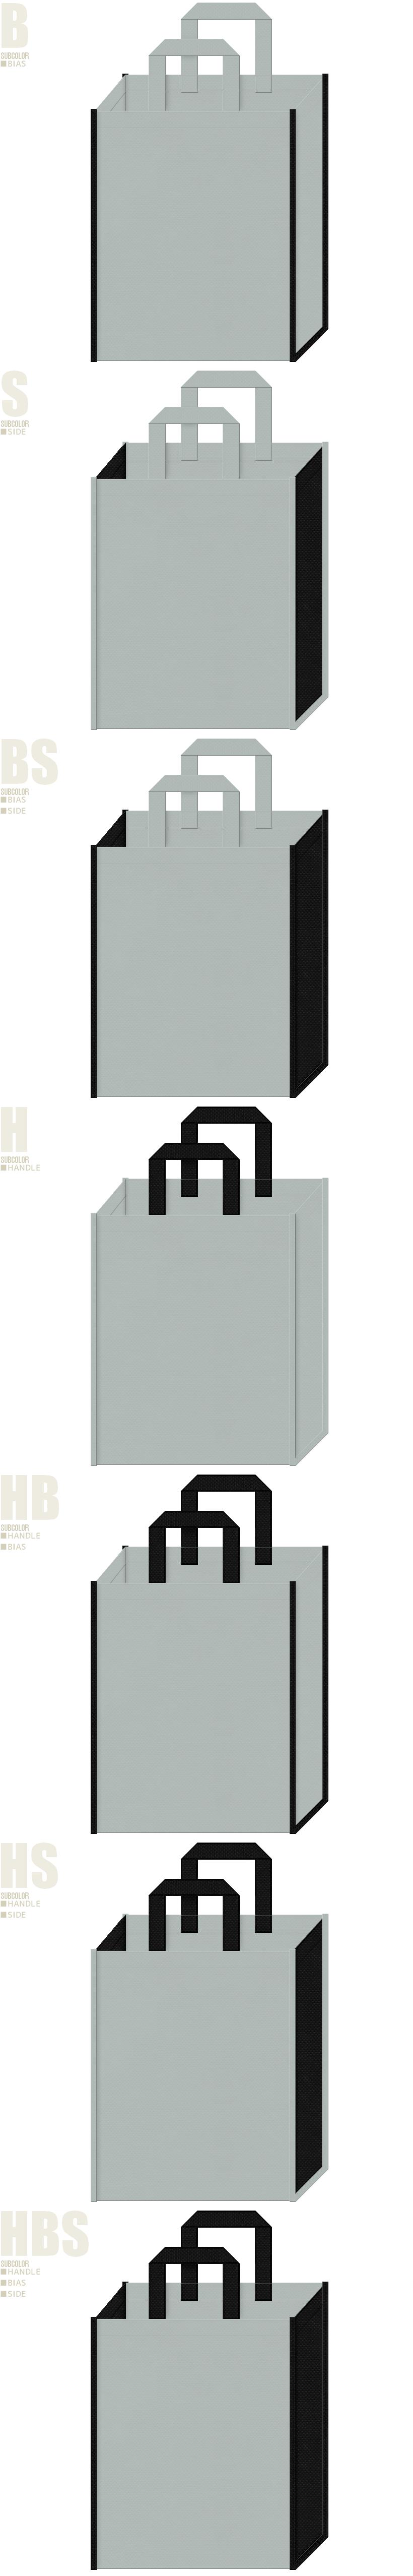 和装展示会用のバッグにお奨めの、グレー色と黒色-7パターンの不織布トートバッグ配色デザイン例。紋付袴風。